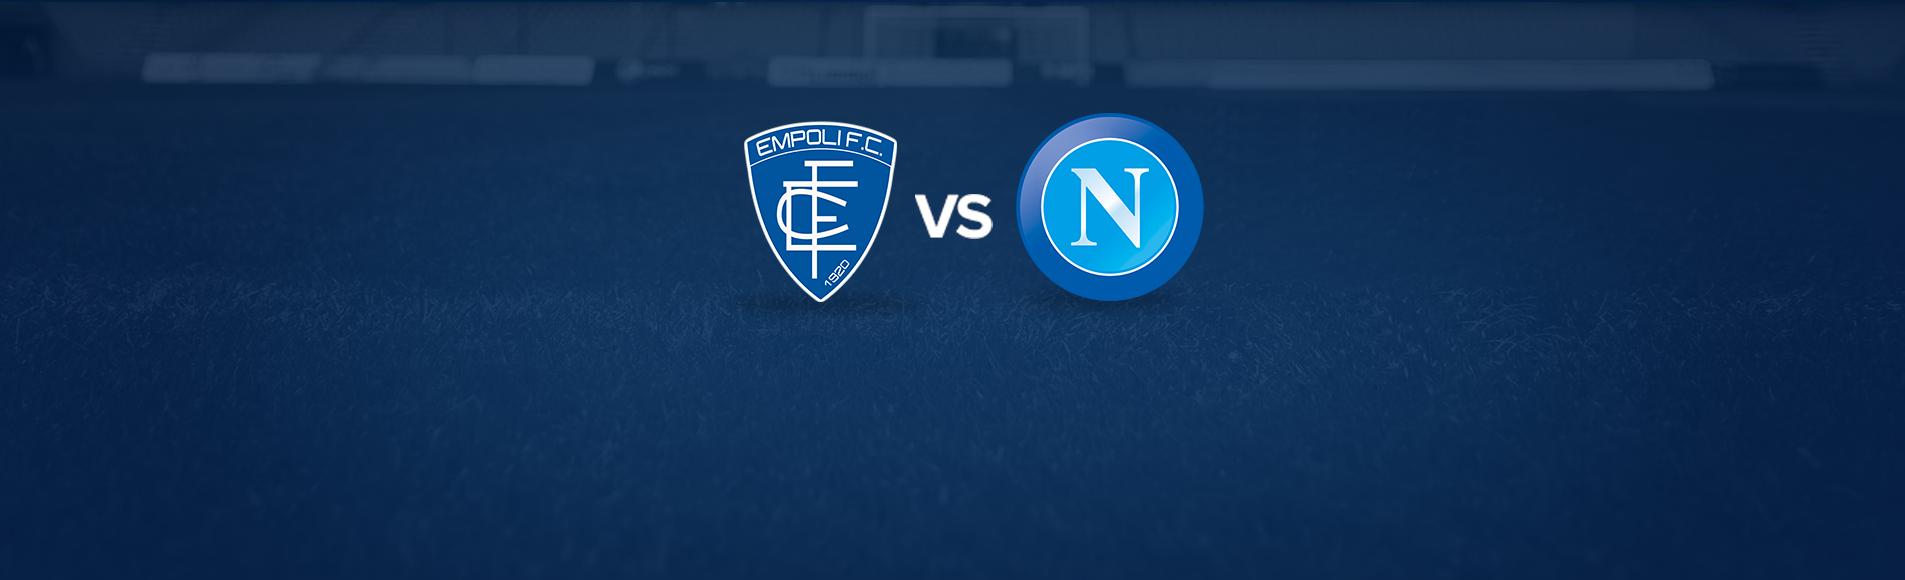 Empoli-Napoli: dove vedere la partita in tv e diretta streaming